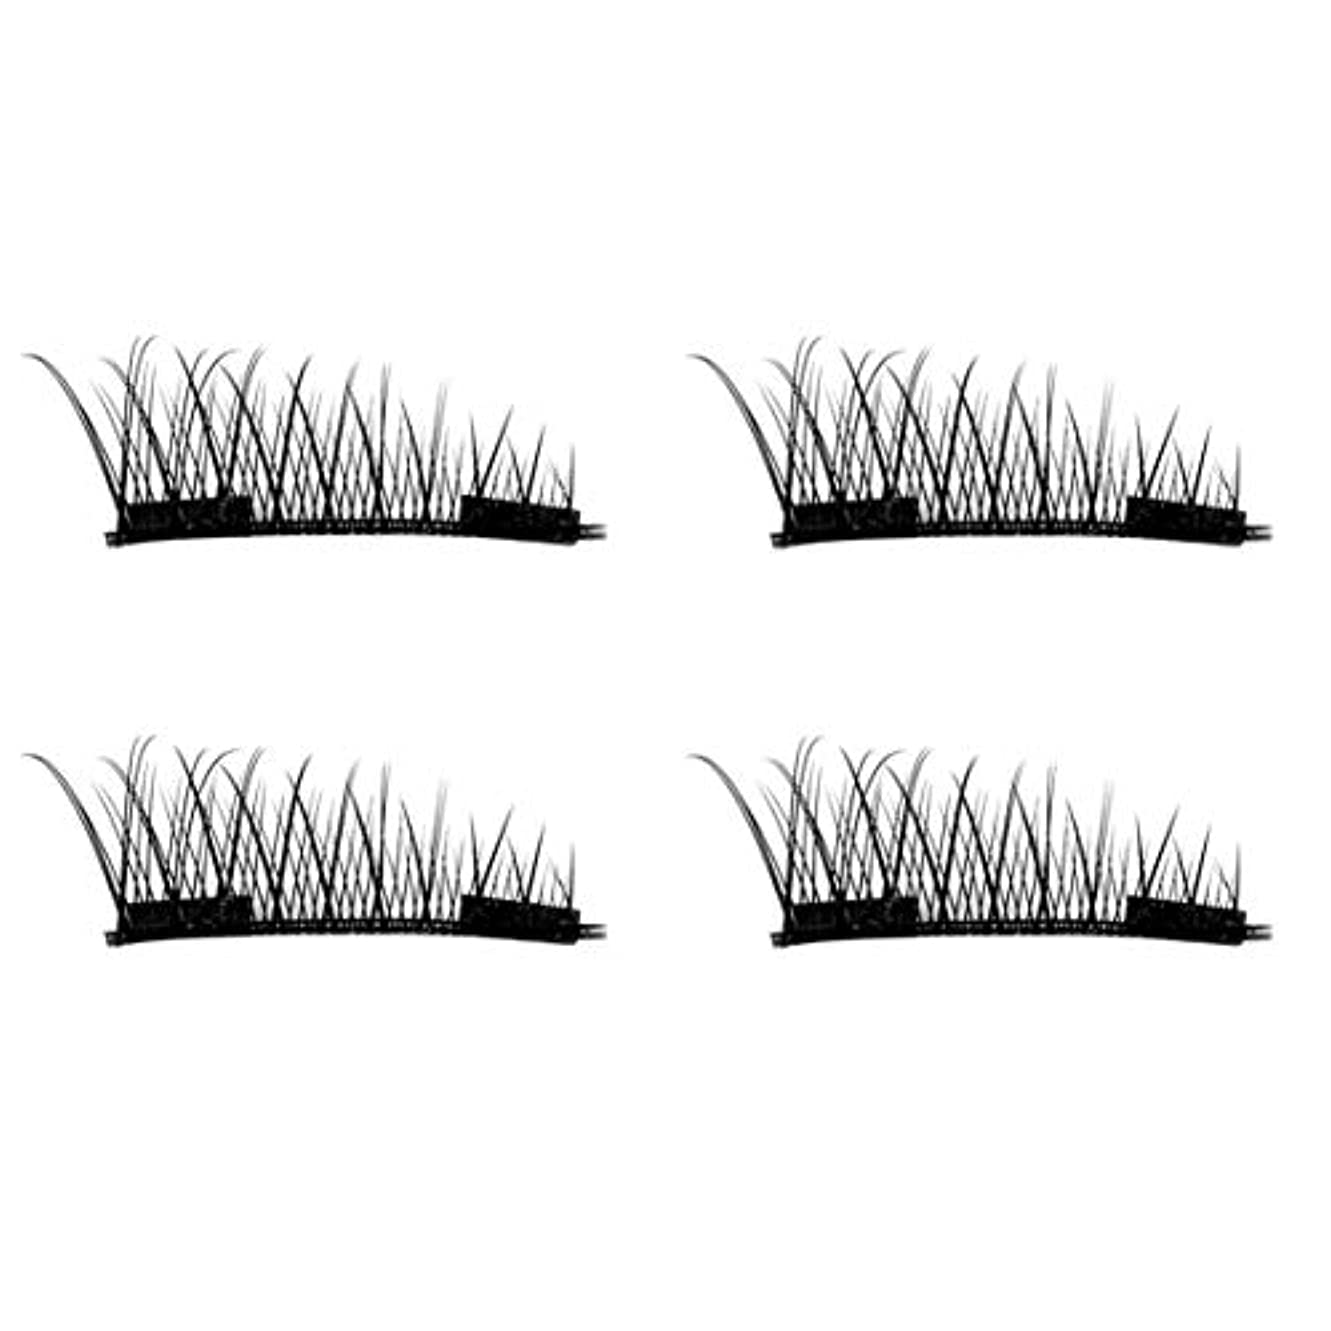 ヒョウ皿植物学4PCS / 2ペアナチュラルシックアイまつ毛のりのない3D磁気女性アイメイク美容シックロングつけまつげ